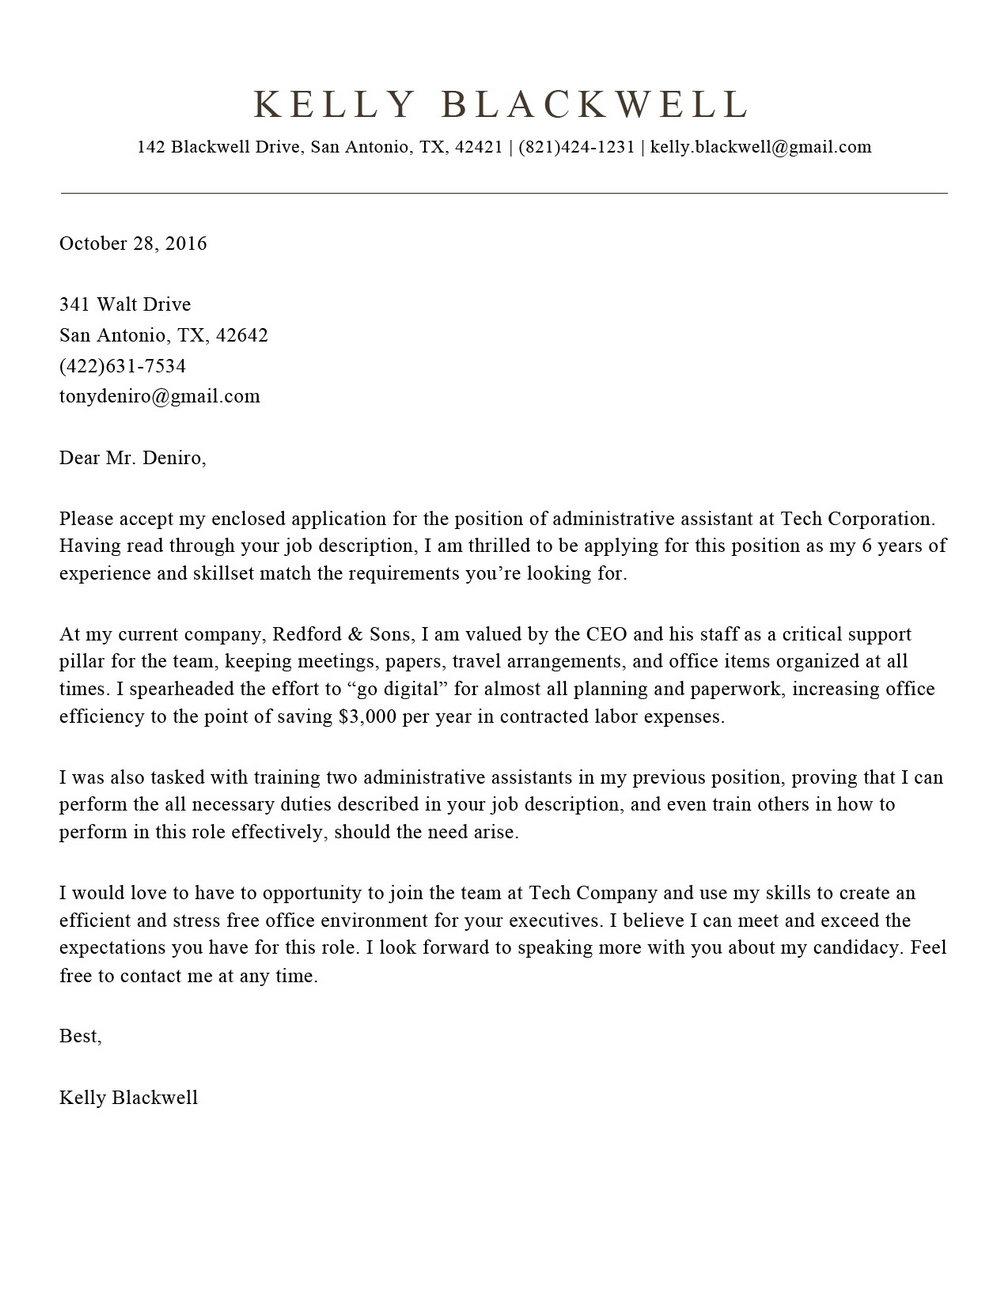 Free Resume Cover Letter Builder